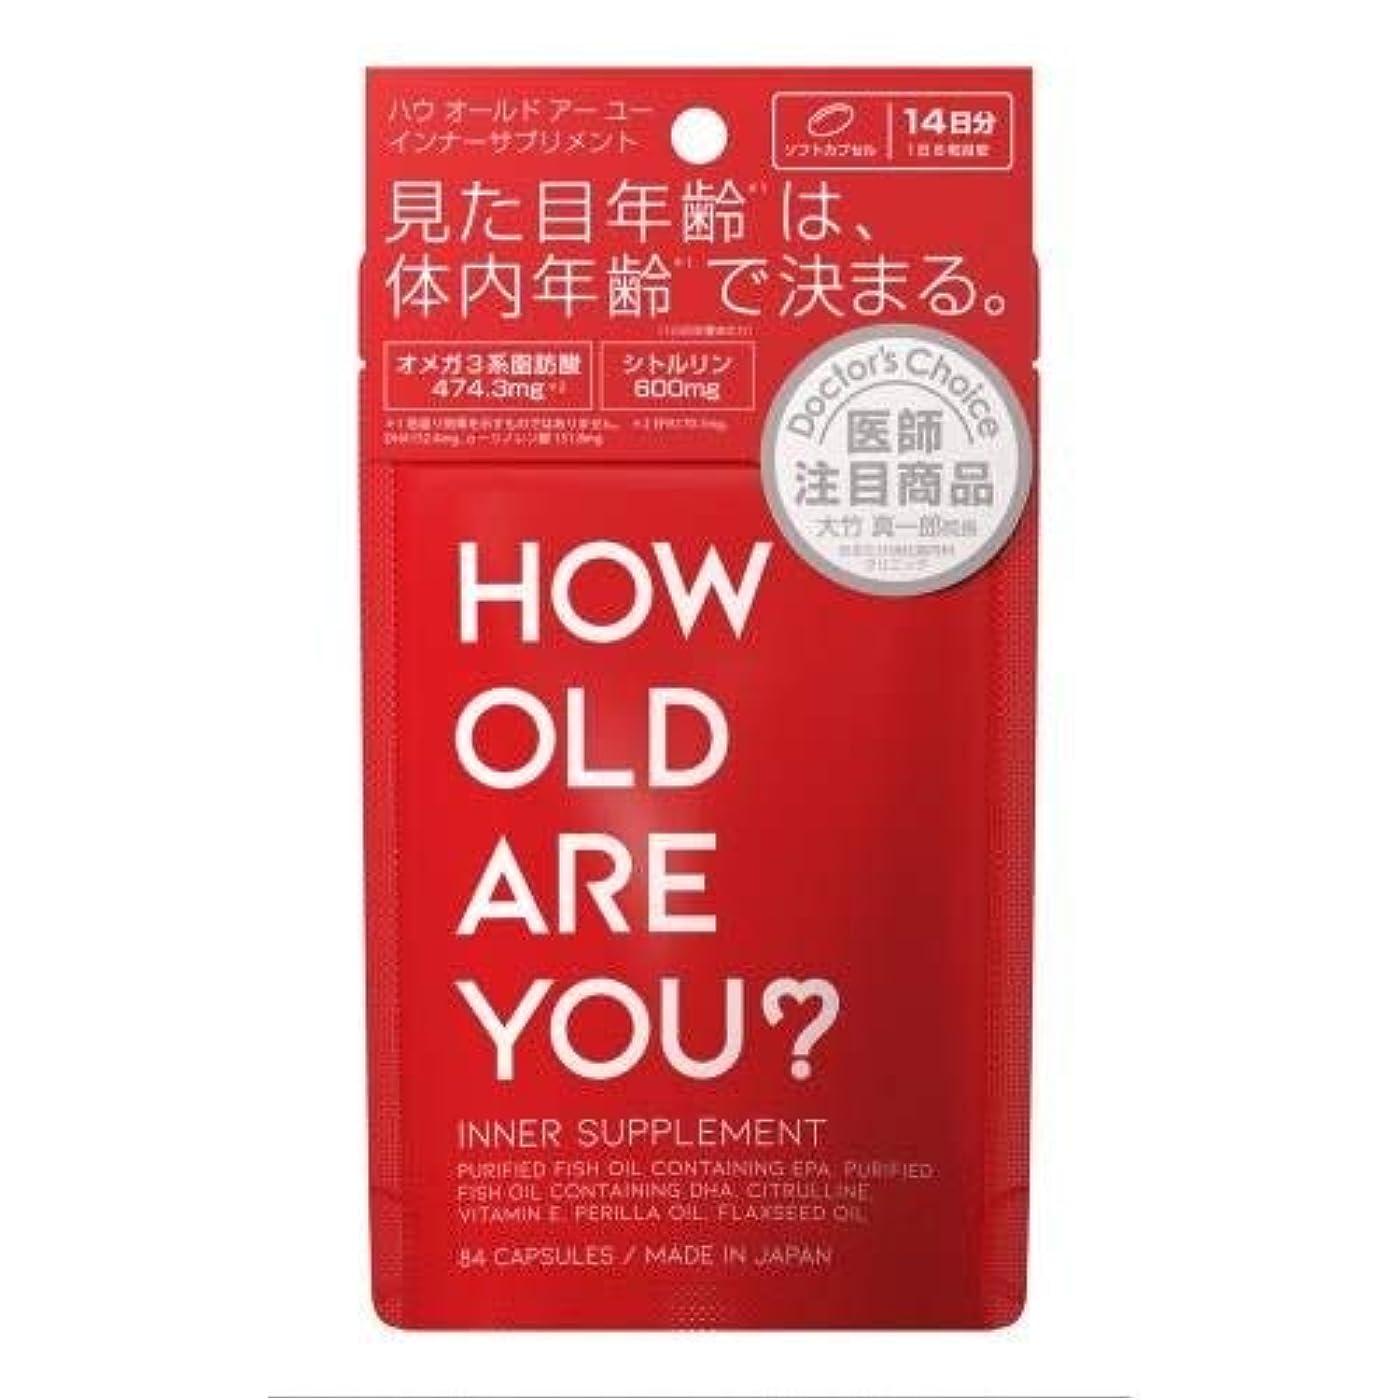 実験をする製造業もHOW OLD ARE YOU?(ハウオールドアーユー) インナーサプリメント 84粒